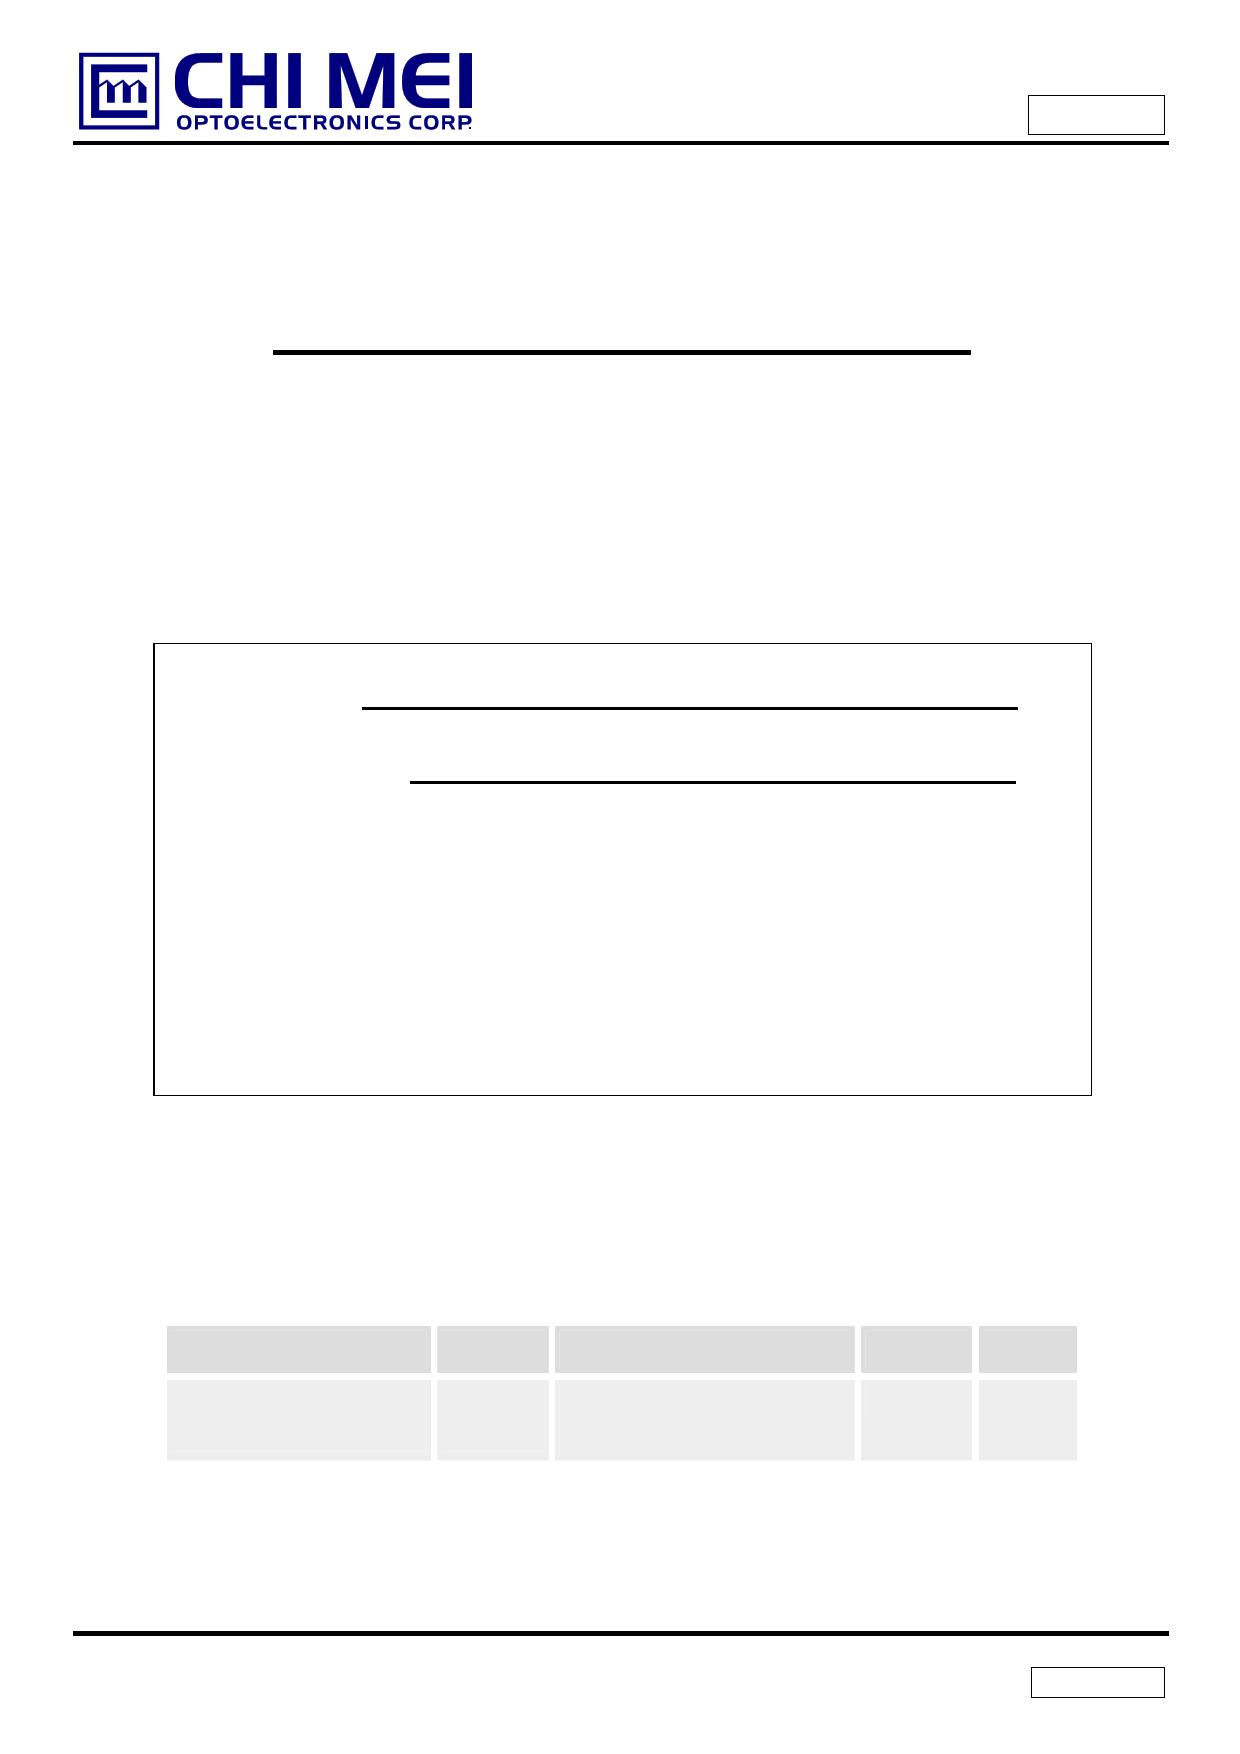 G070Y3-T01 datasheet